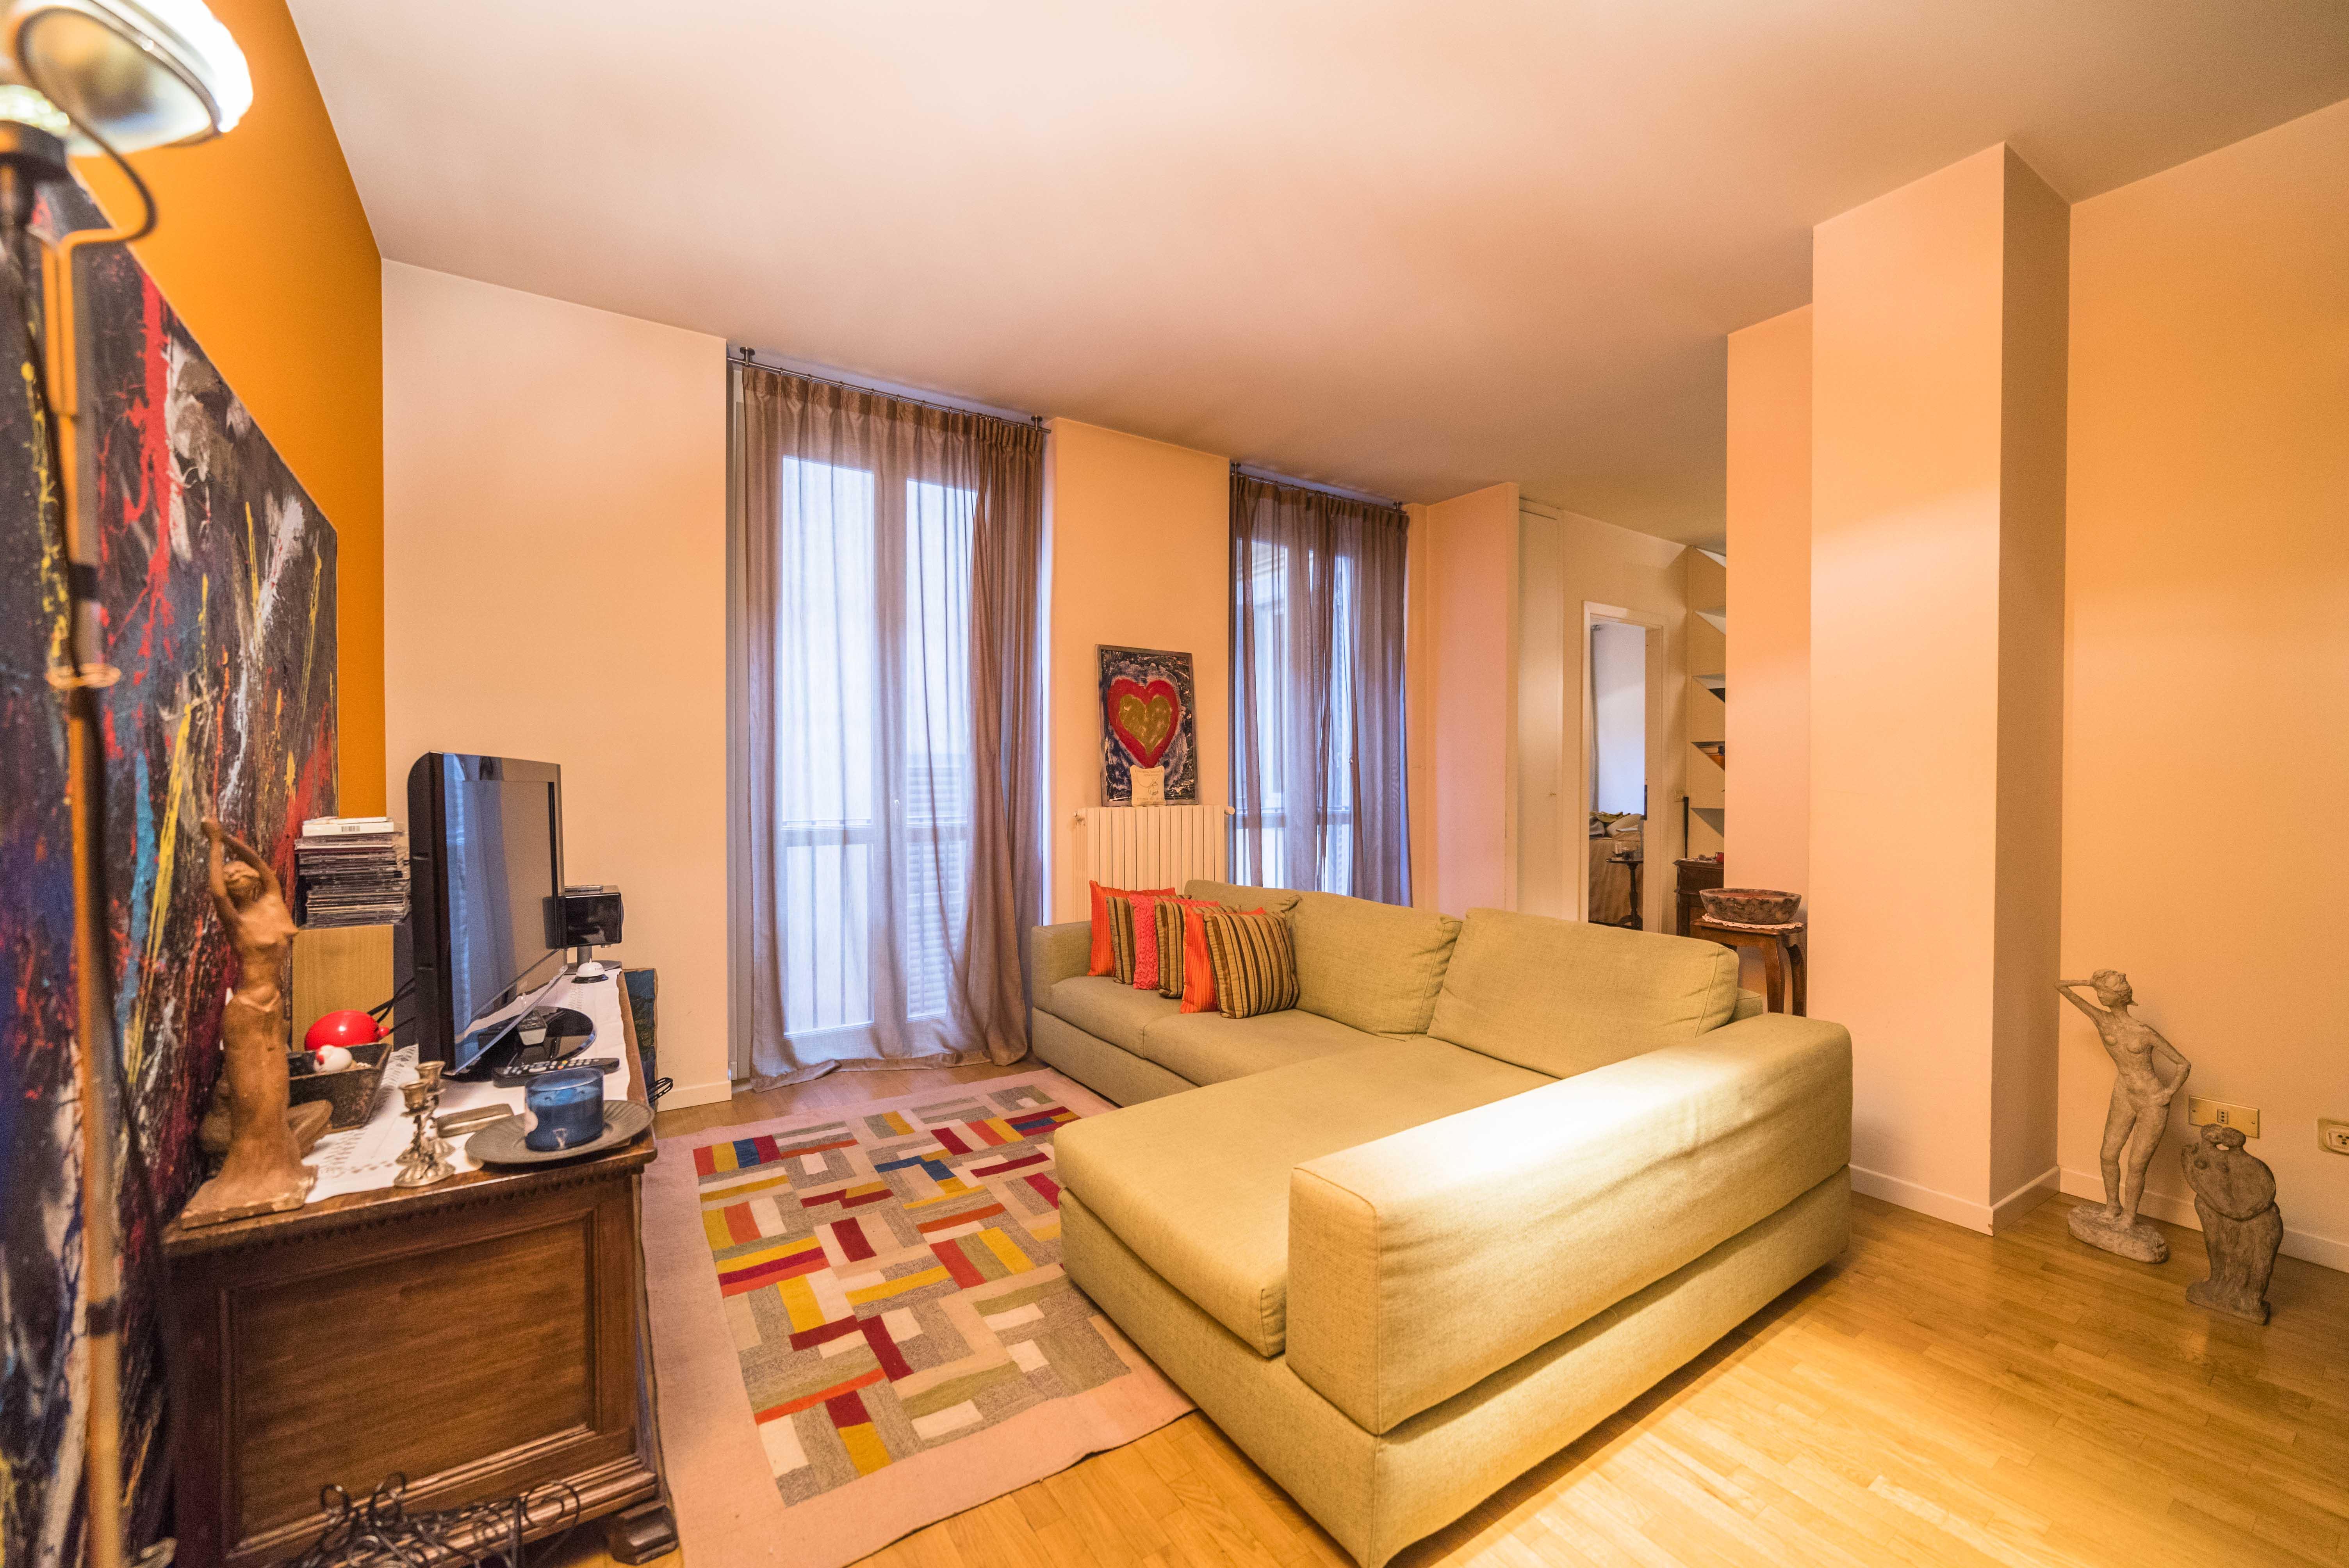 Vendita appartamento Bergamo Centrale